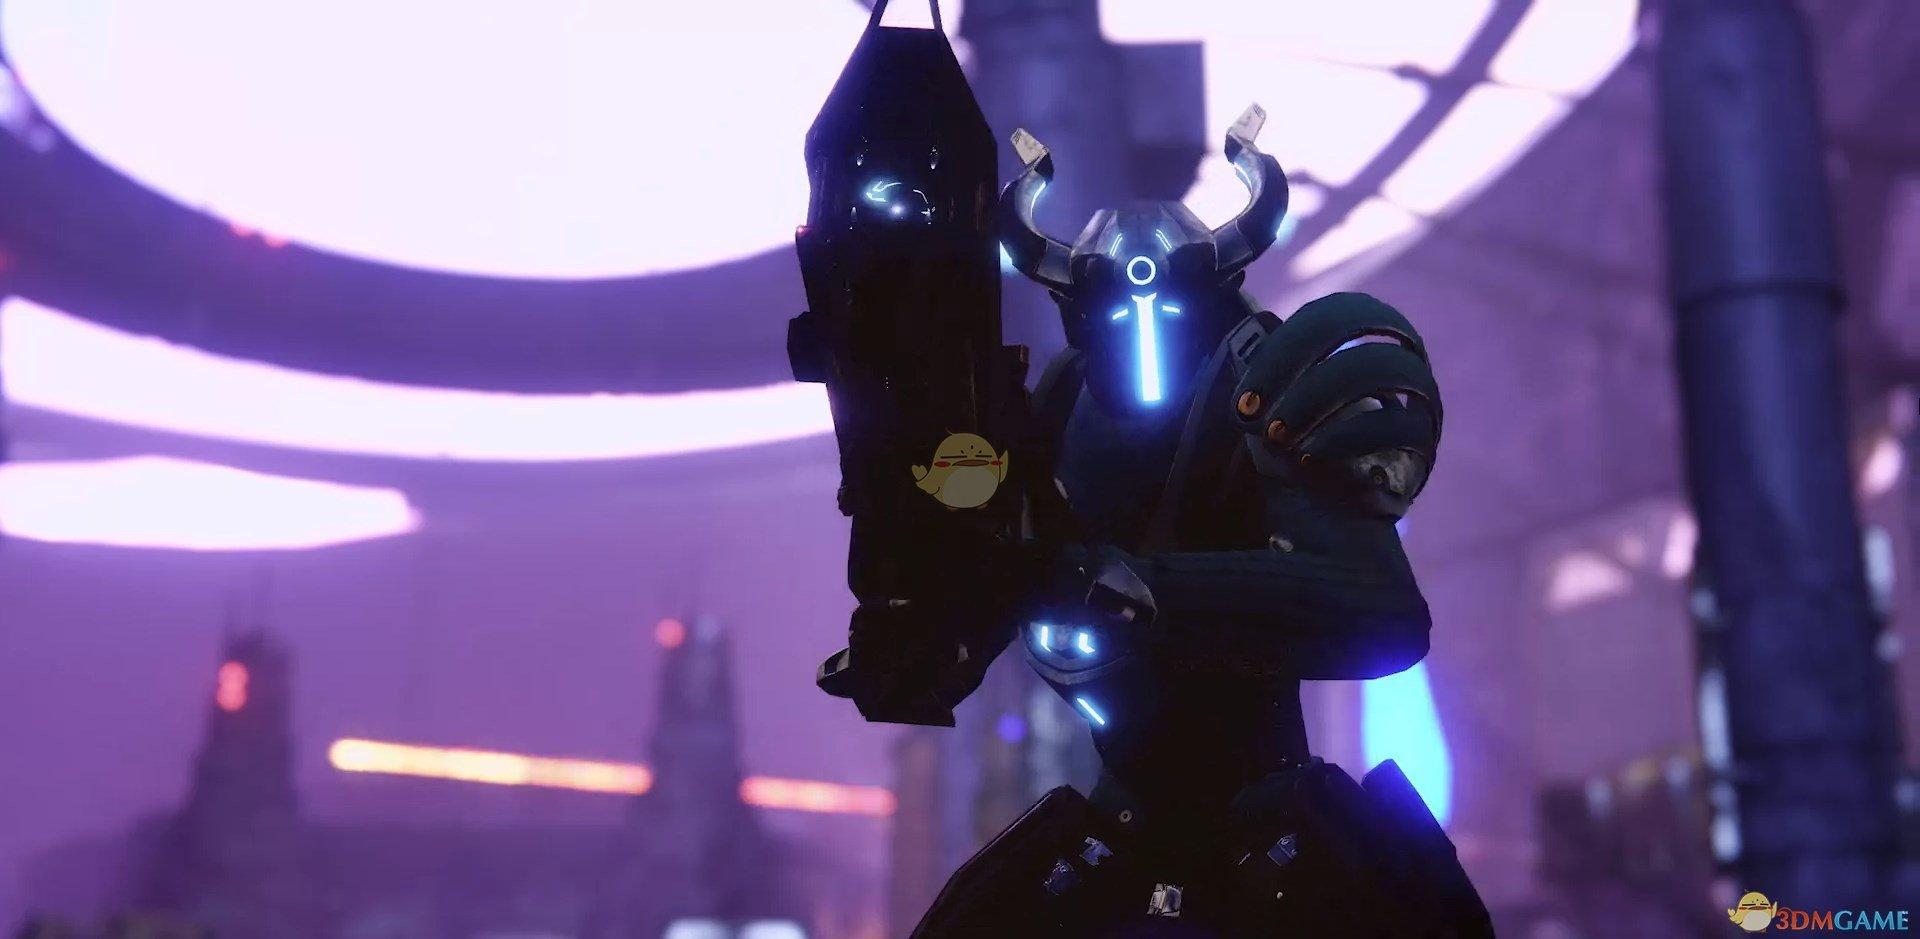 《命运2》最后一愿raid通过解决方法分享